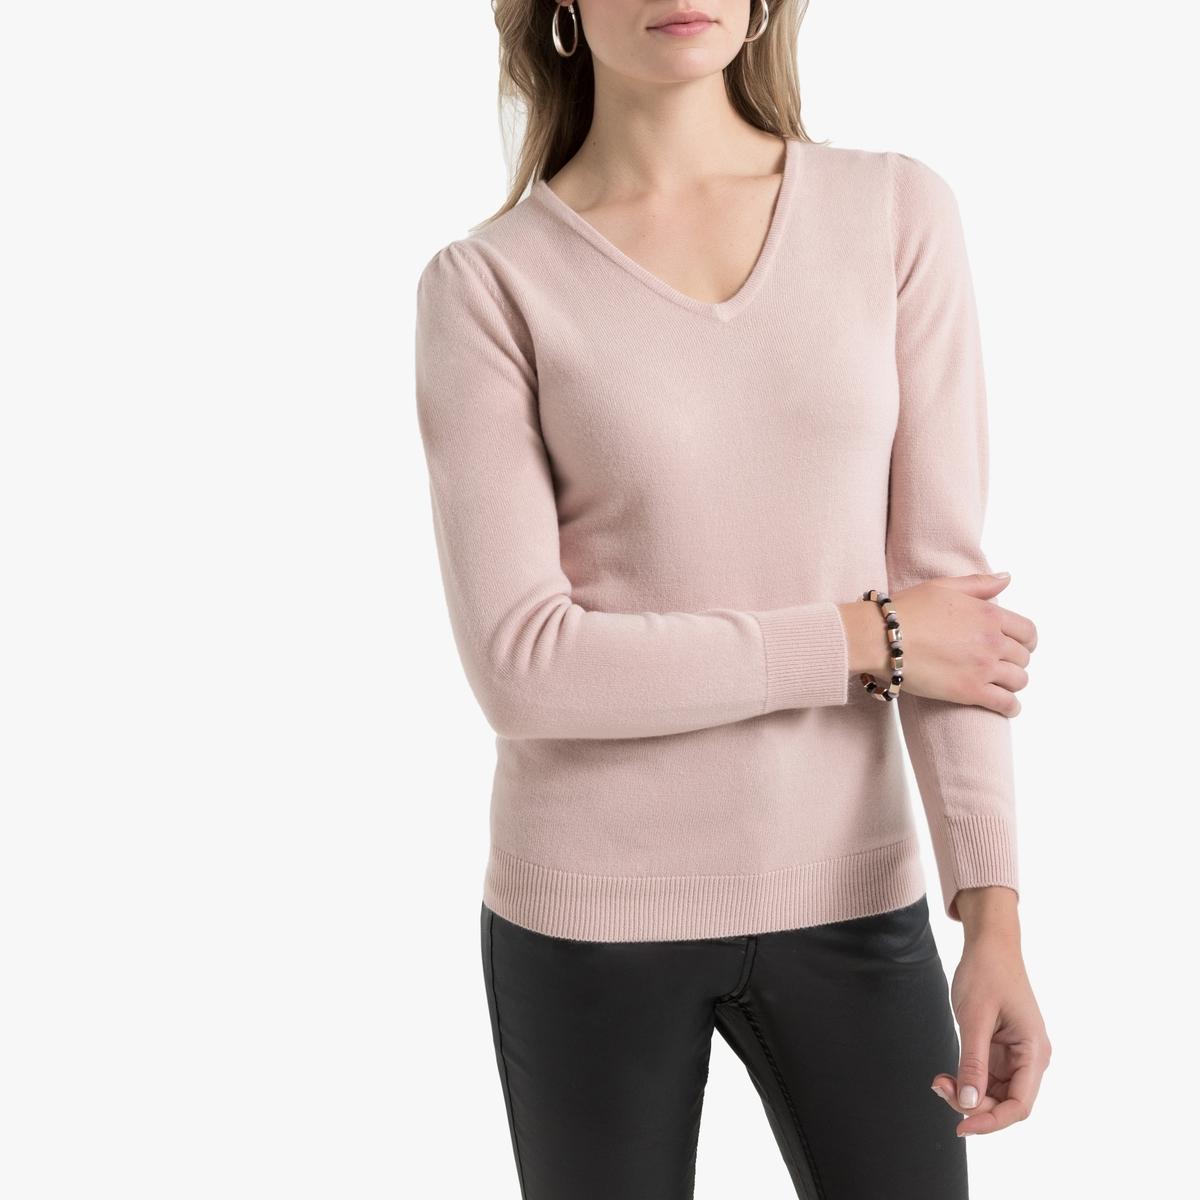 Пуловер La Redoute С V-образным вырезом из тонкого трикотажа 34/36 (FR) - 40/42 (RUS) розовый пуловер la redoute с тунисским вырезом из тонкого трикотажа 34 36 fr 40 42 rus каштановый